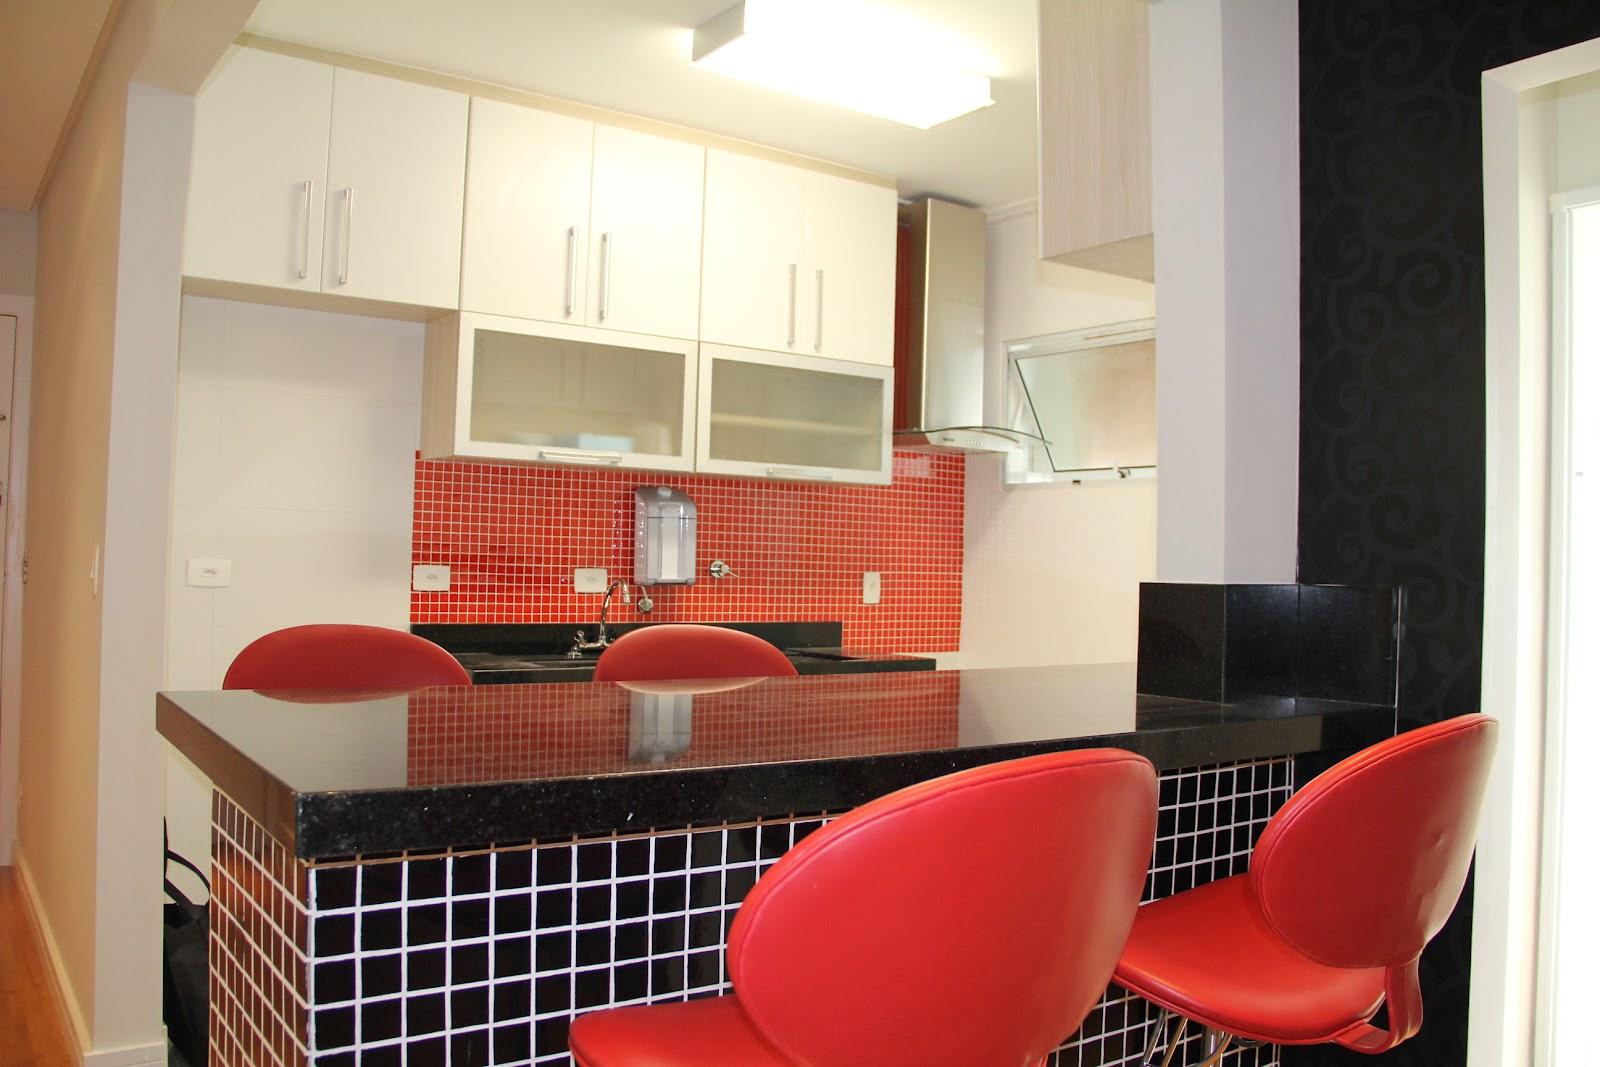 Alessandra Voitena Designer de Interiores: APARTAMENTO NO BAIRRO  #A62B25 1600x1067 Balcão Banheiro Todeschini